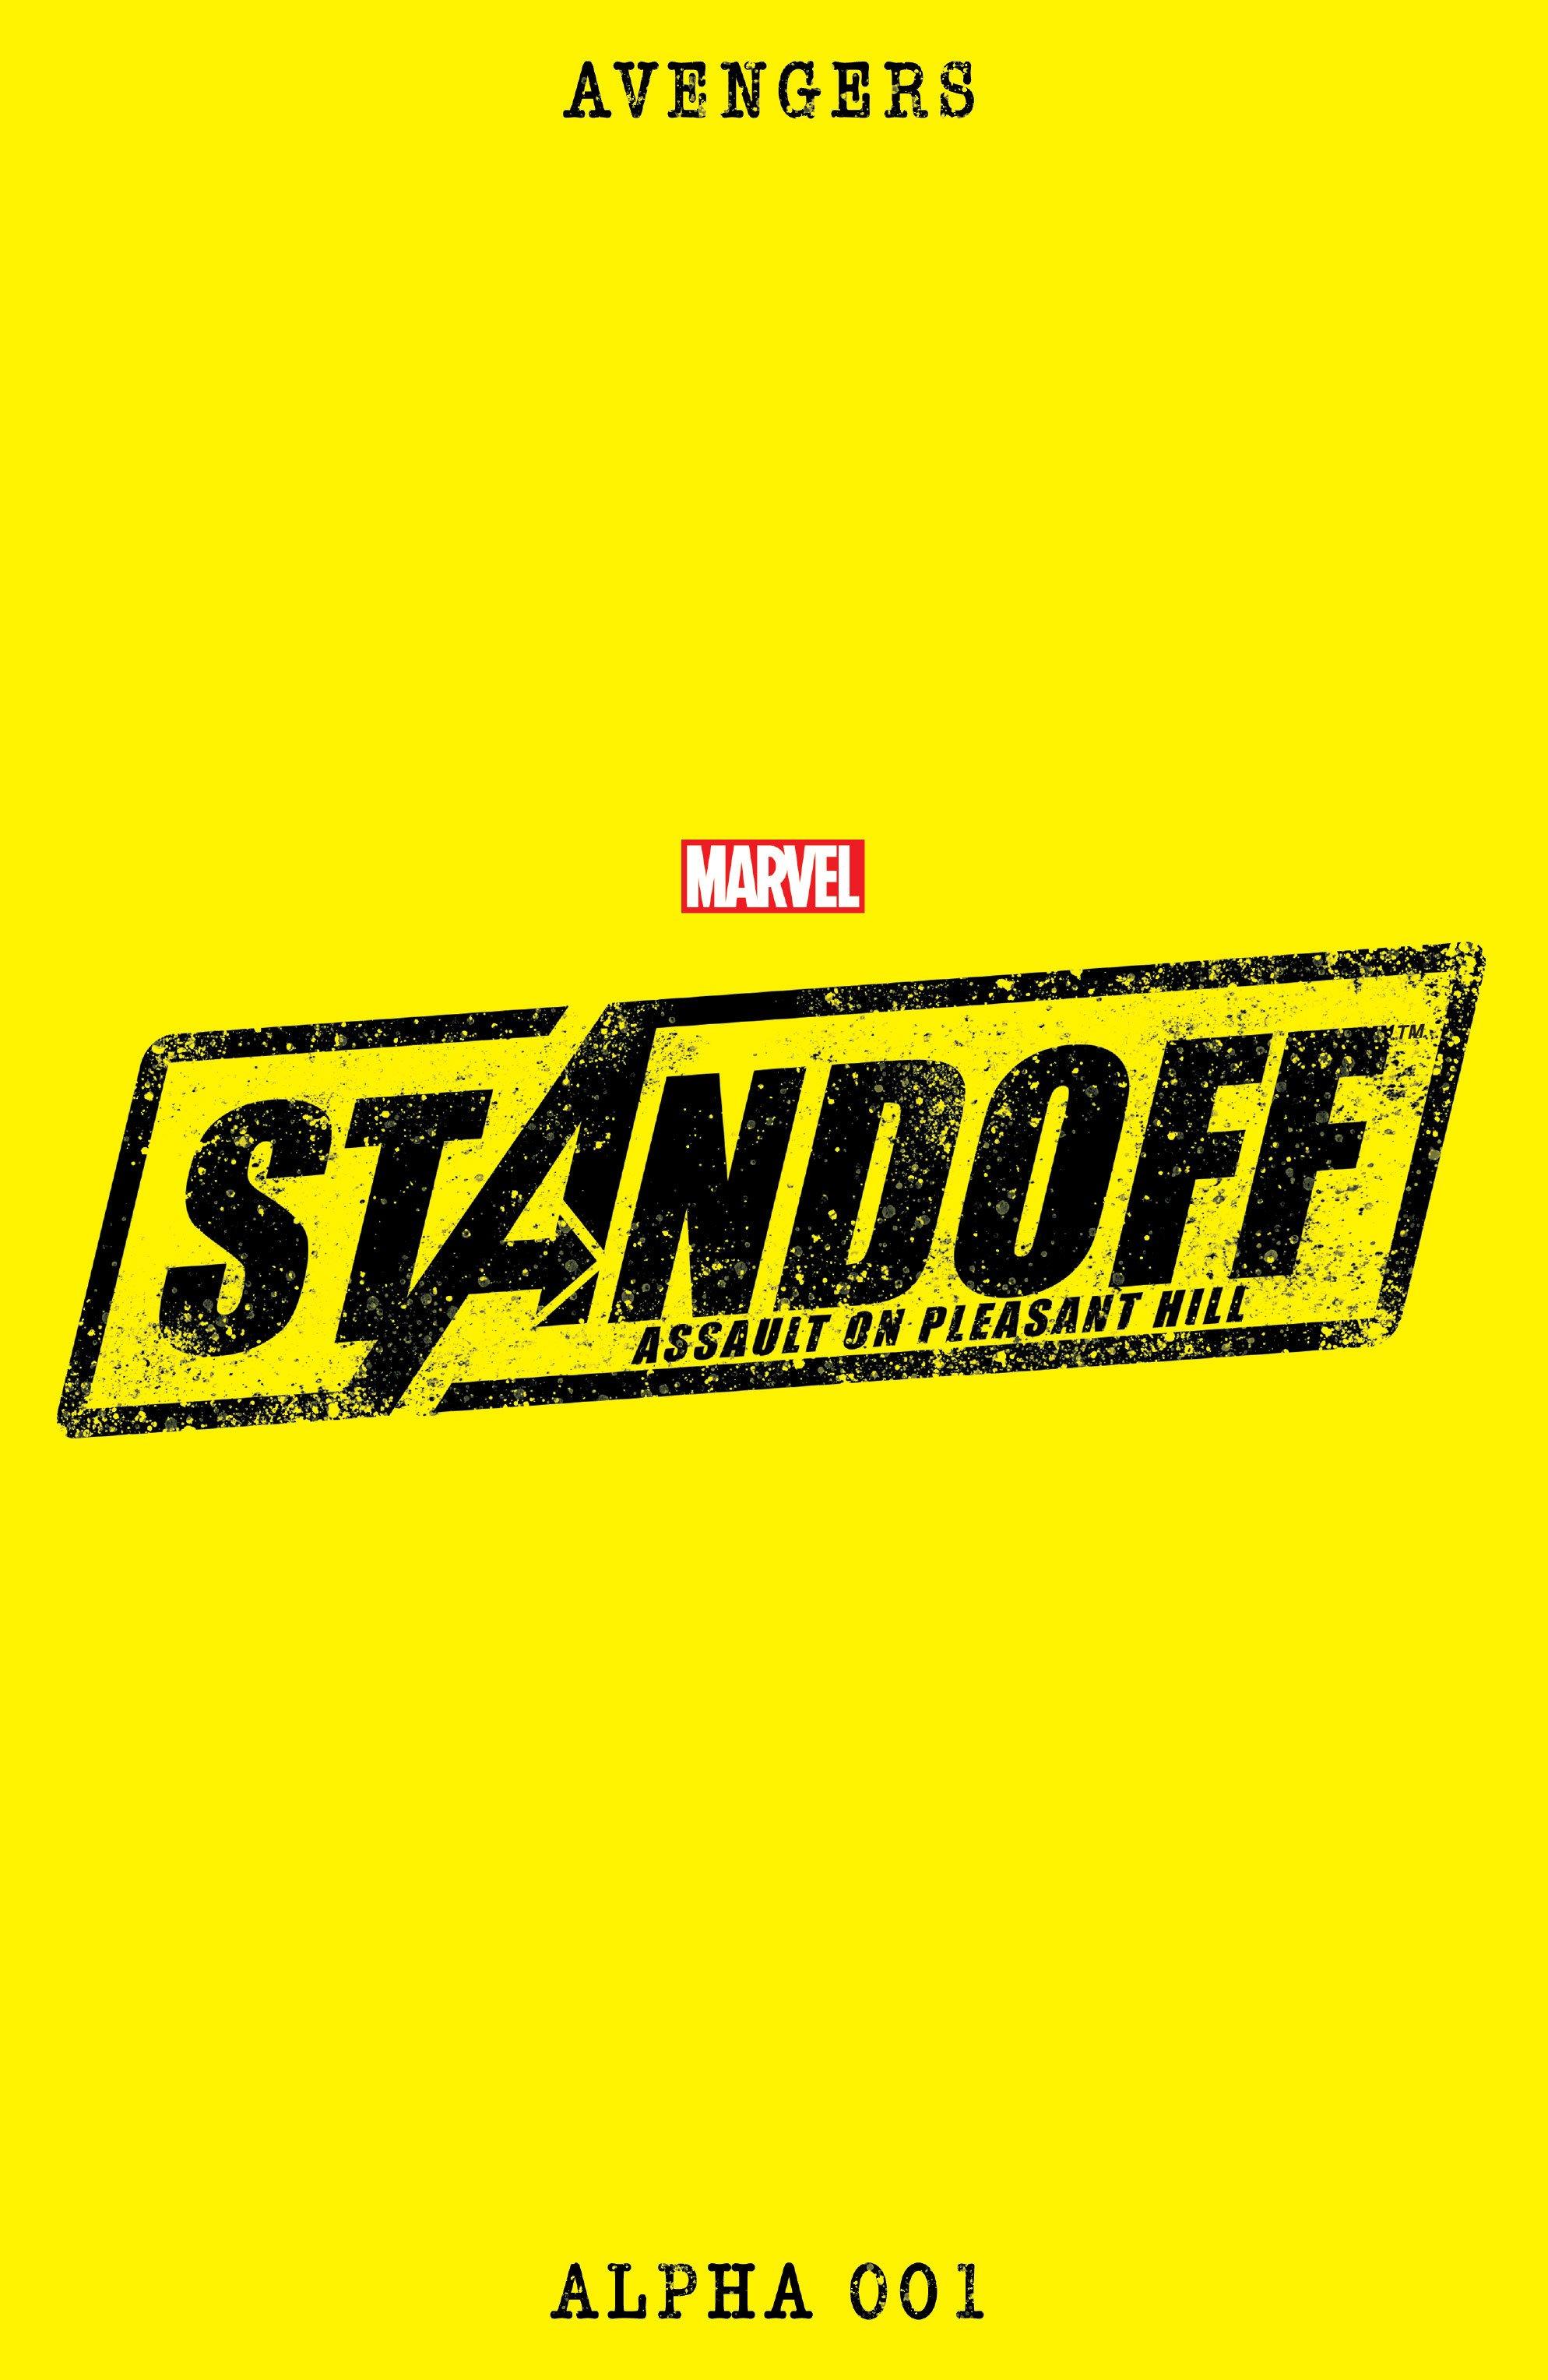 Обзор-мнение комиксов All-New All-Different Marvel, часть 4. - Изображение 20